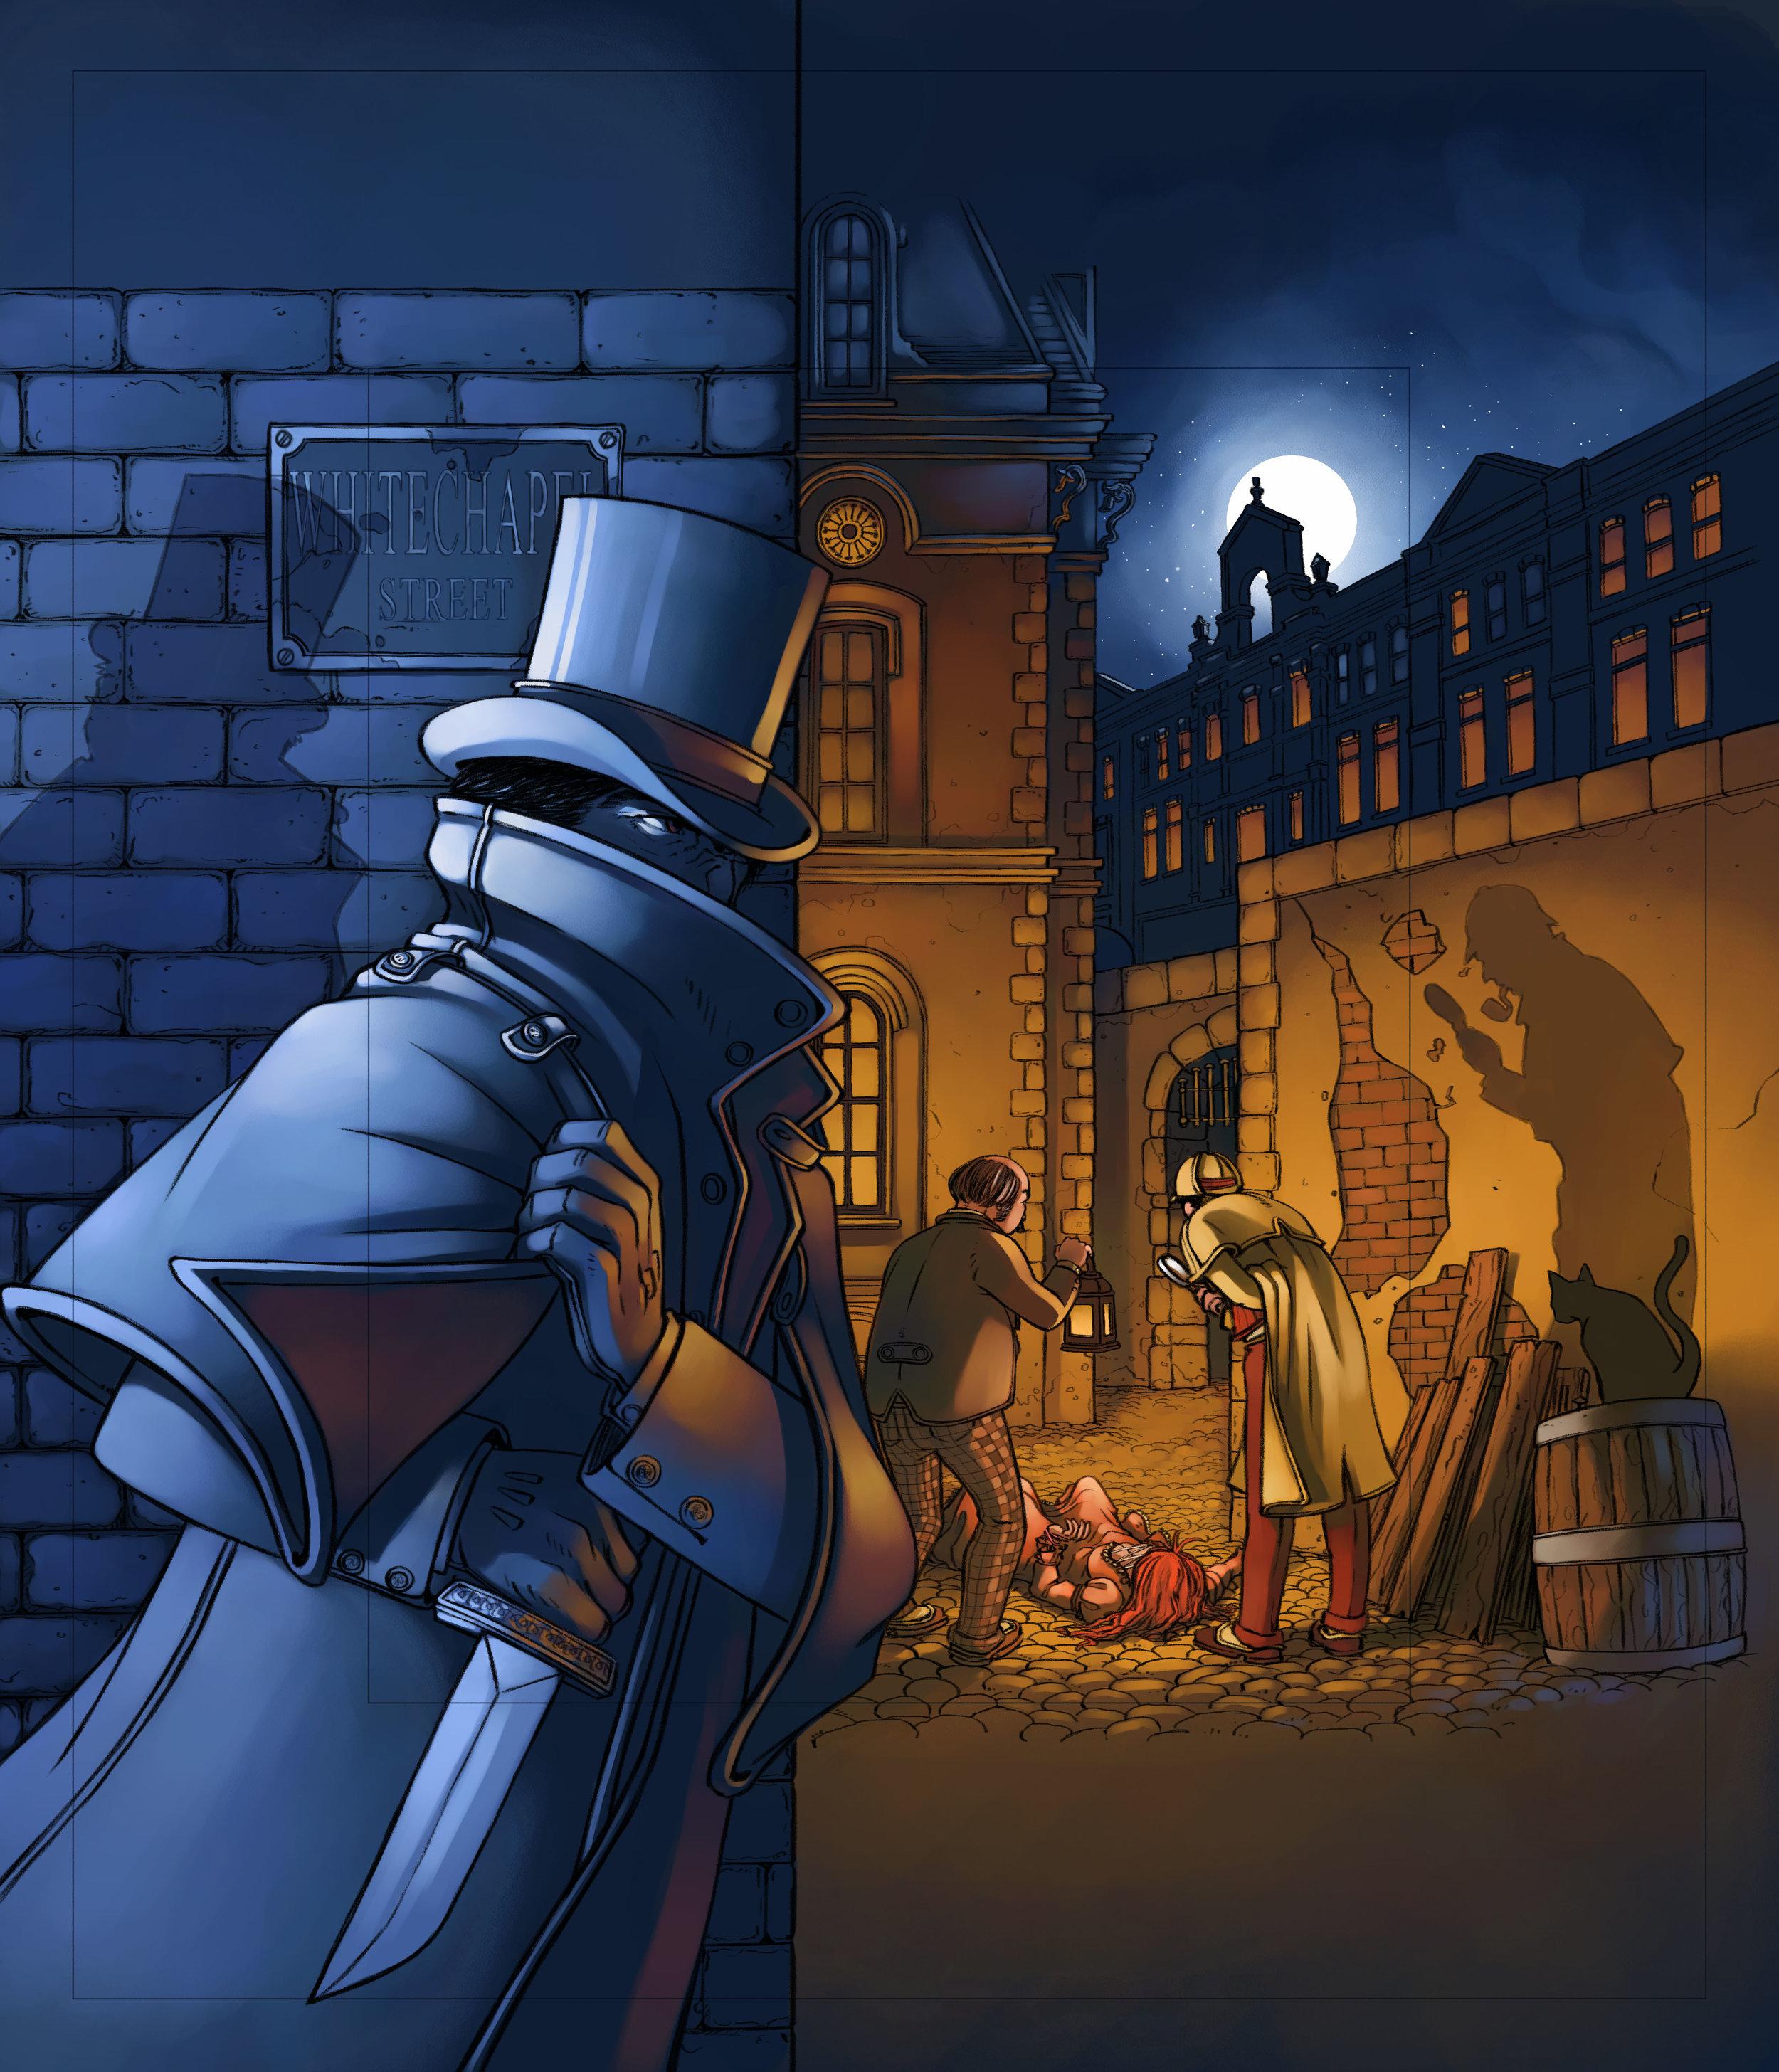 Mr Jack illustration colored